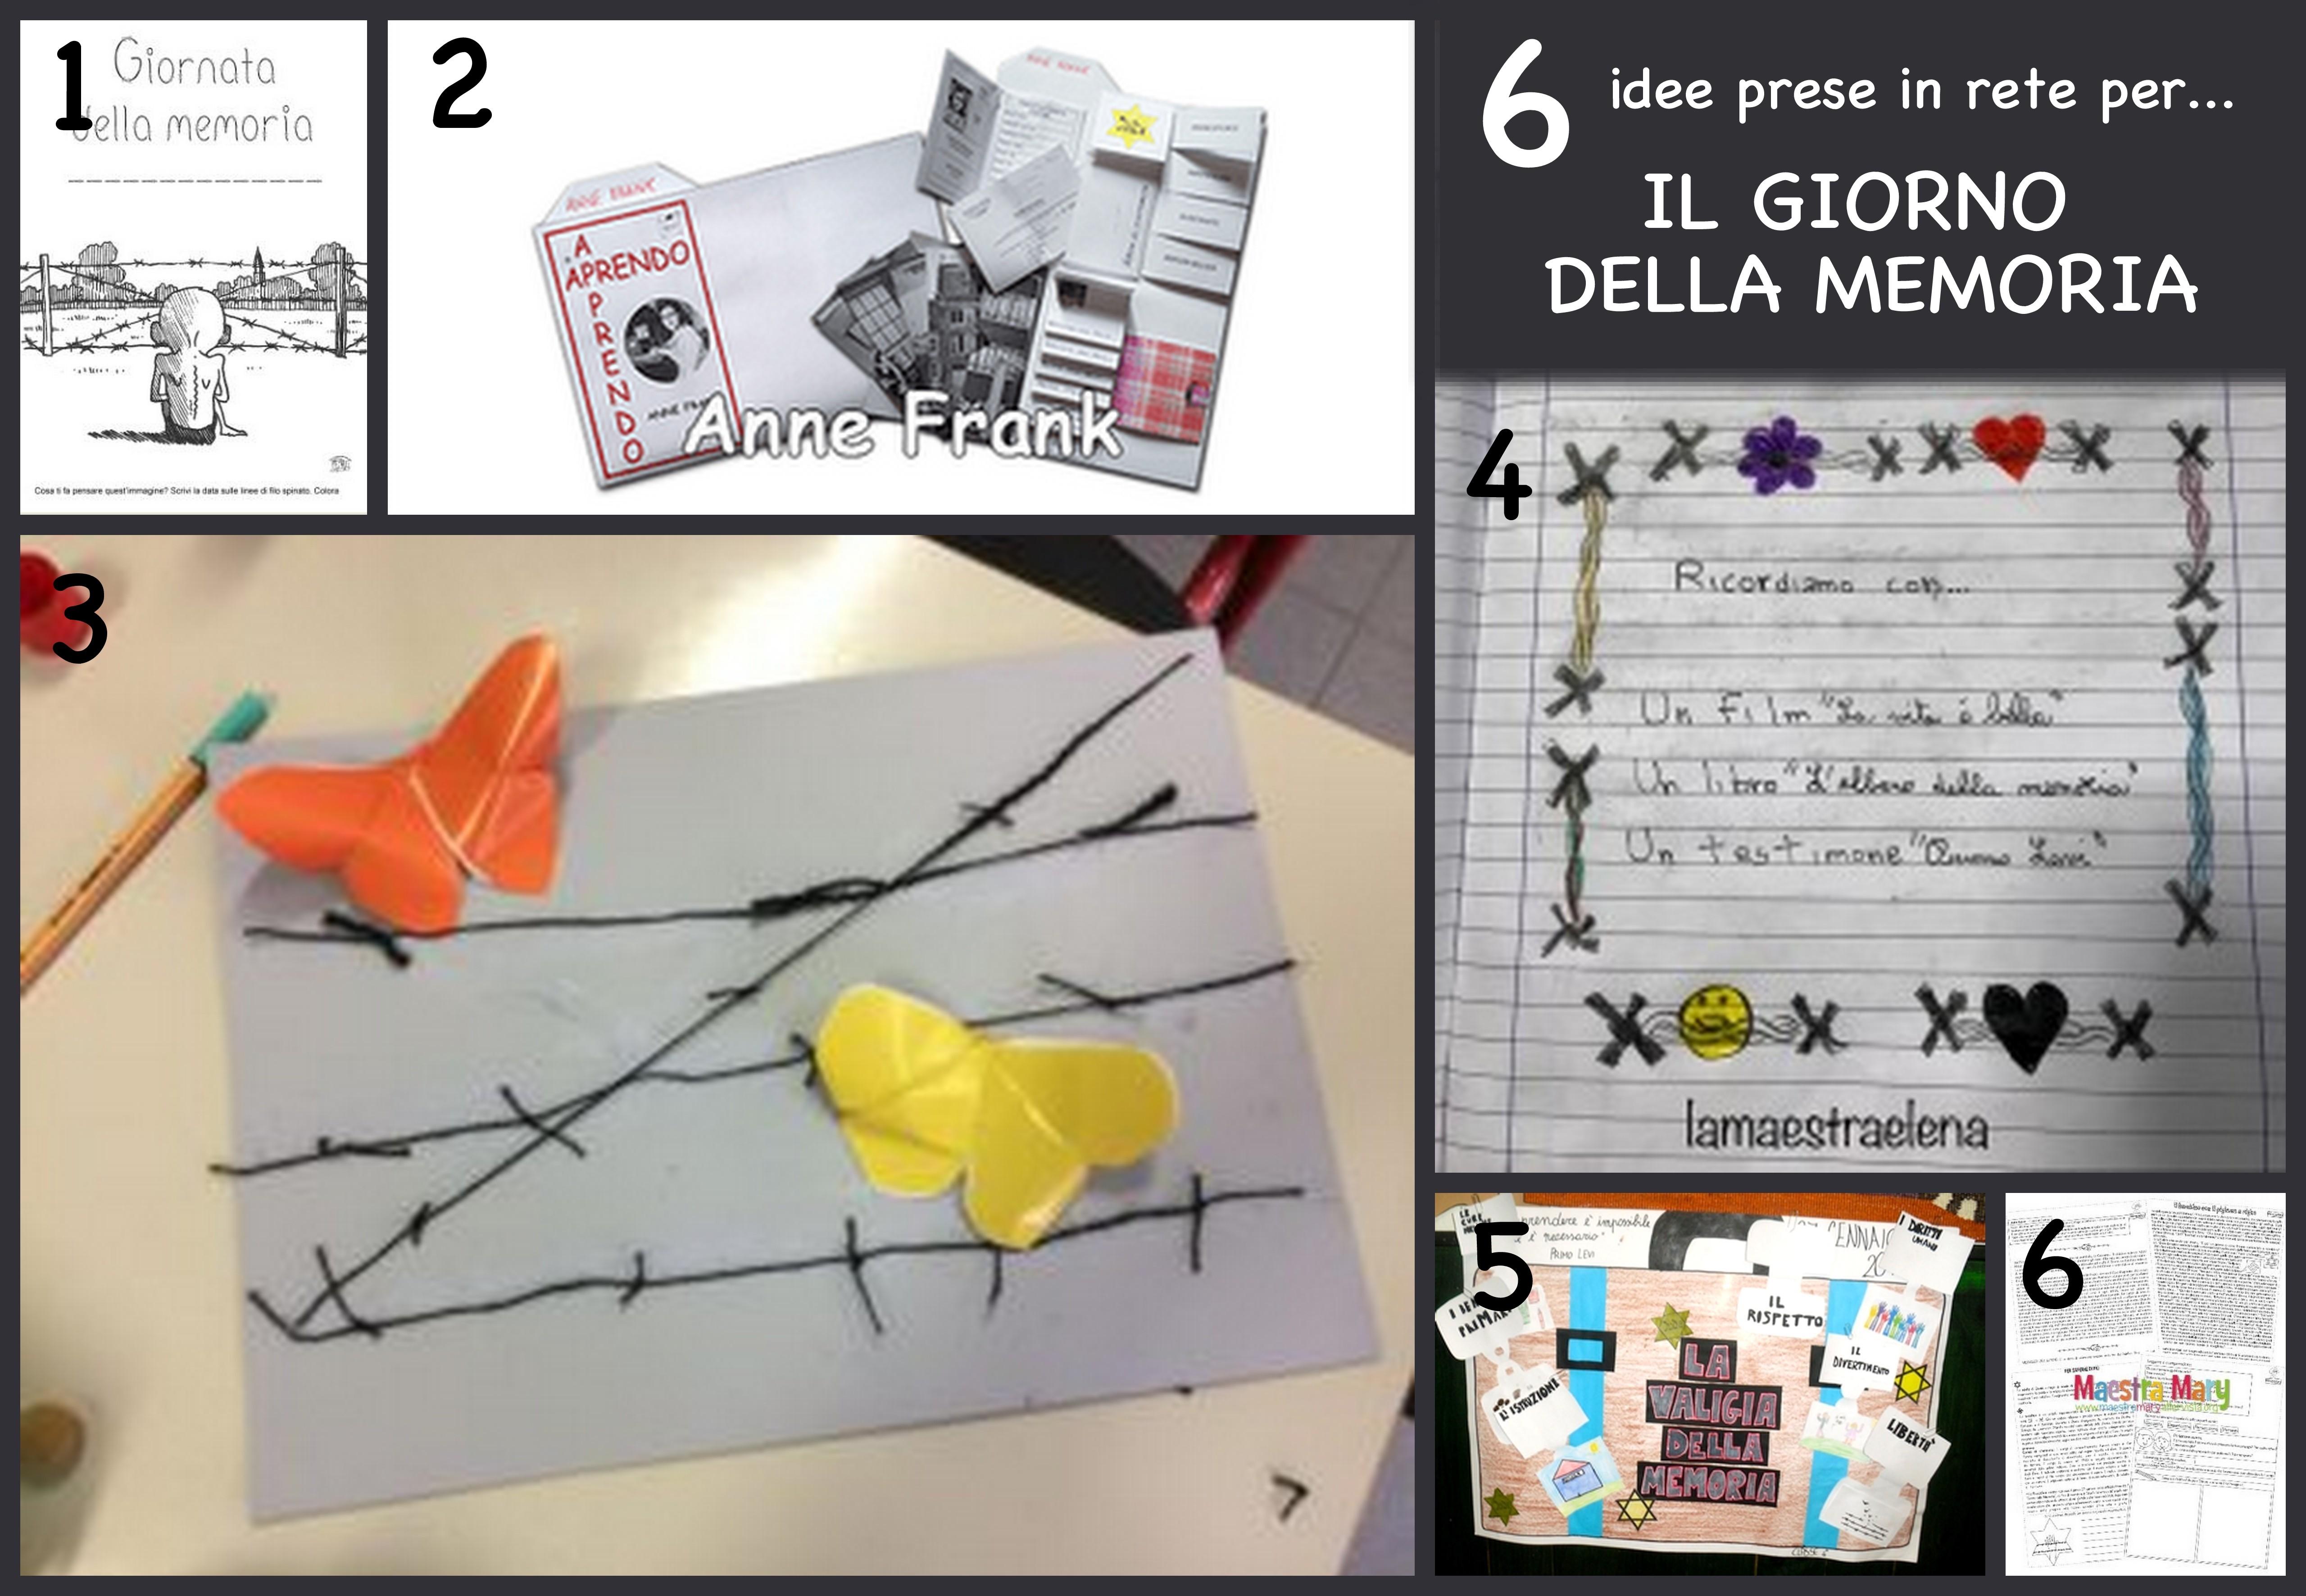 Famoso 6 idee prese in rete per… il giorno della memoria OP33